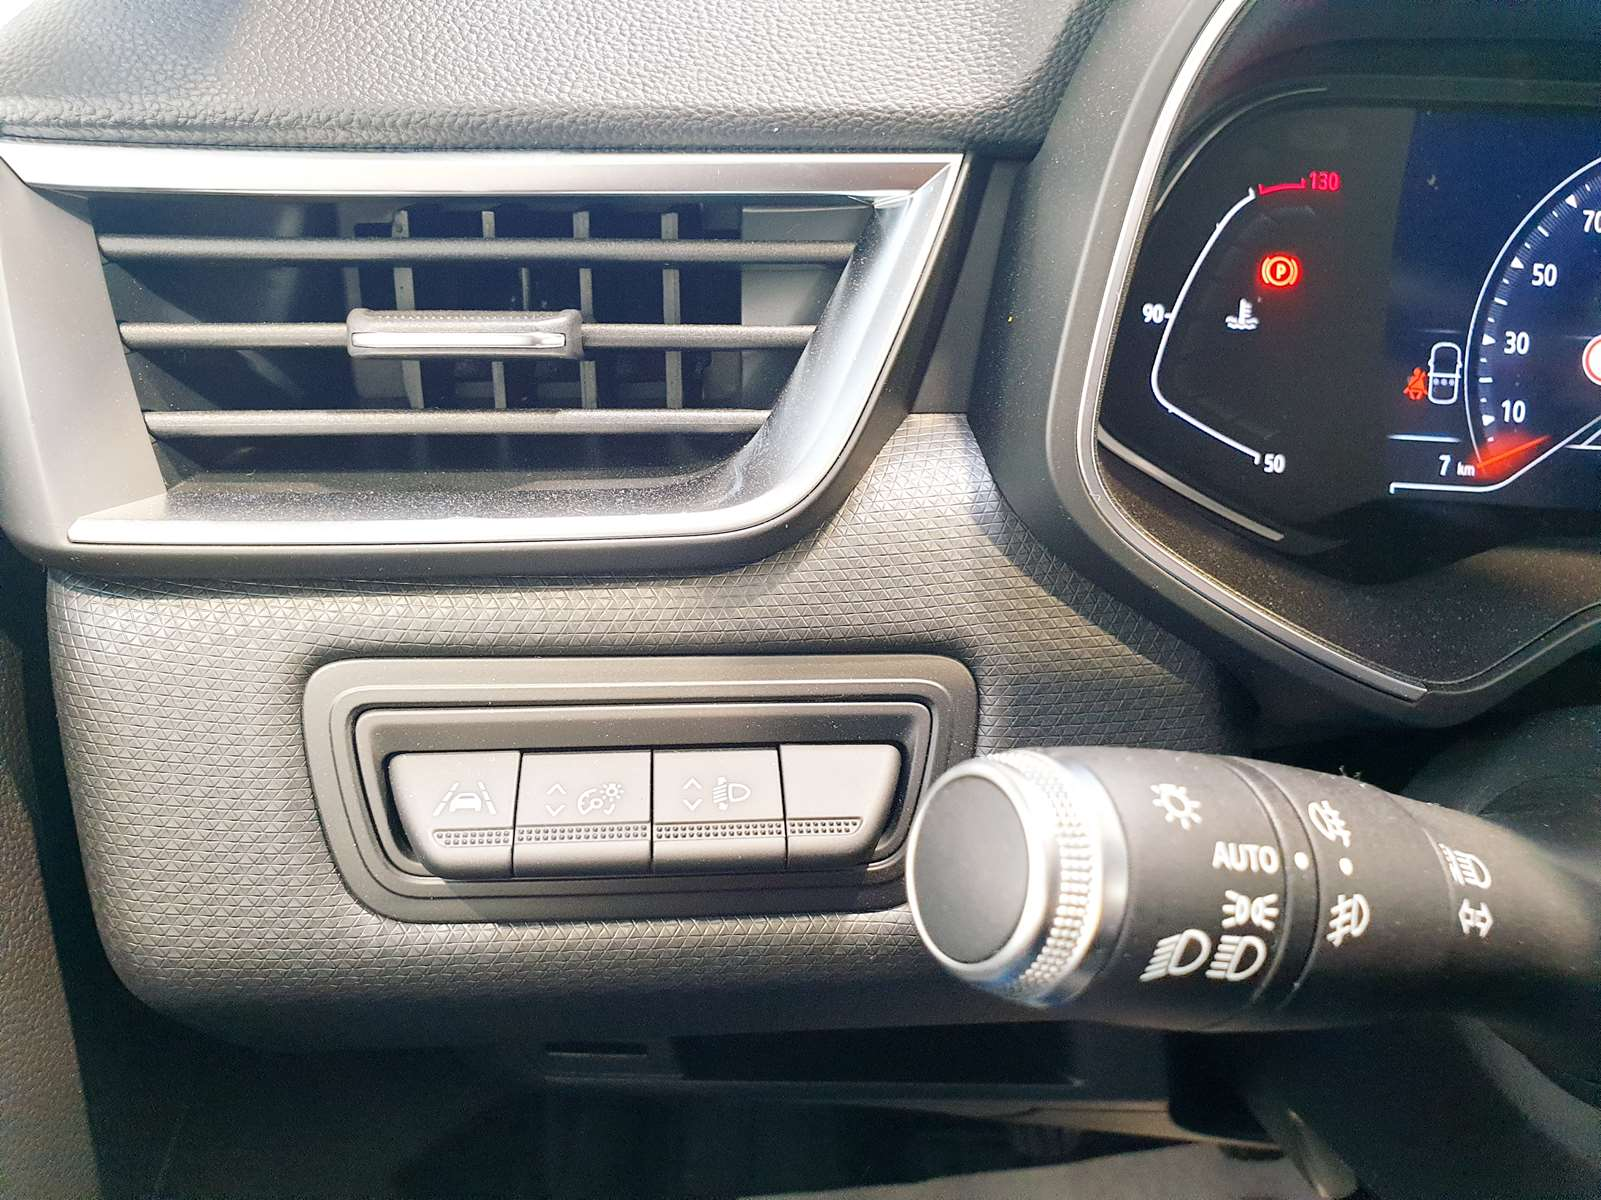 Miniature RENAULT CLIO V Blue dCi 85 Intens camera